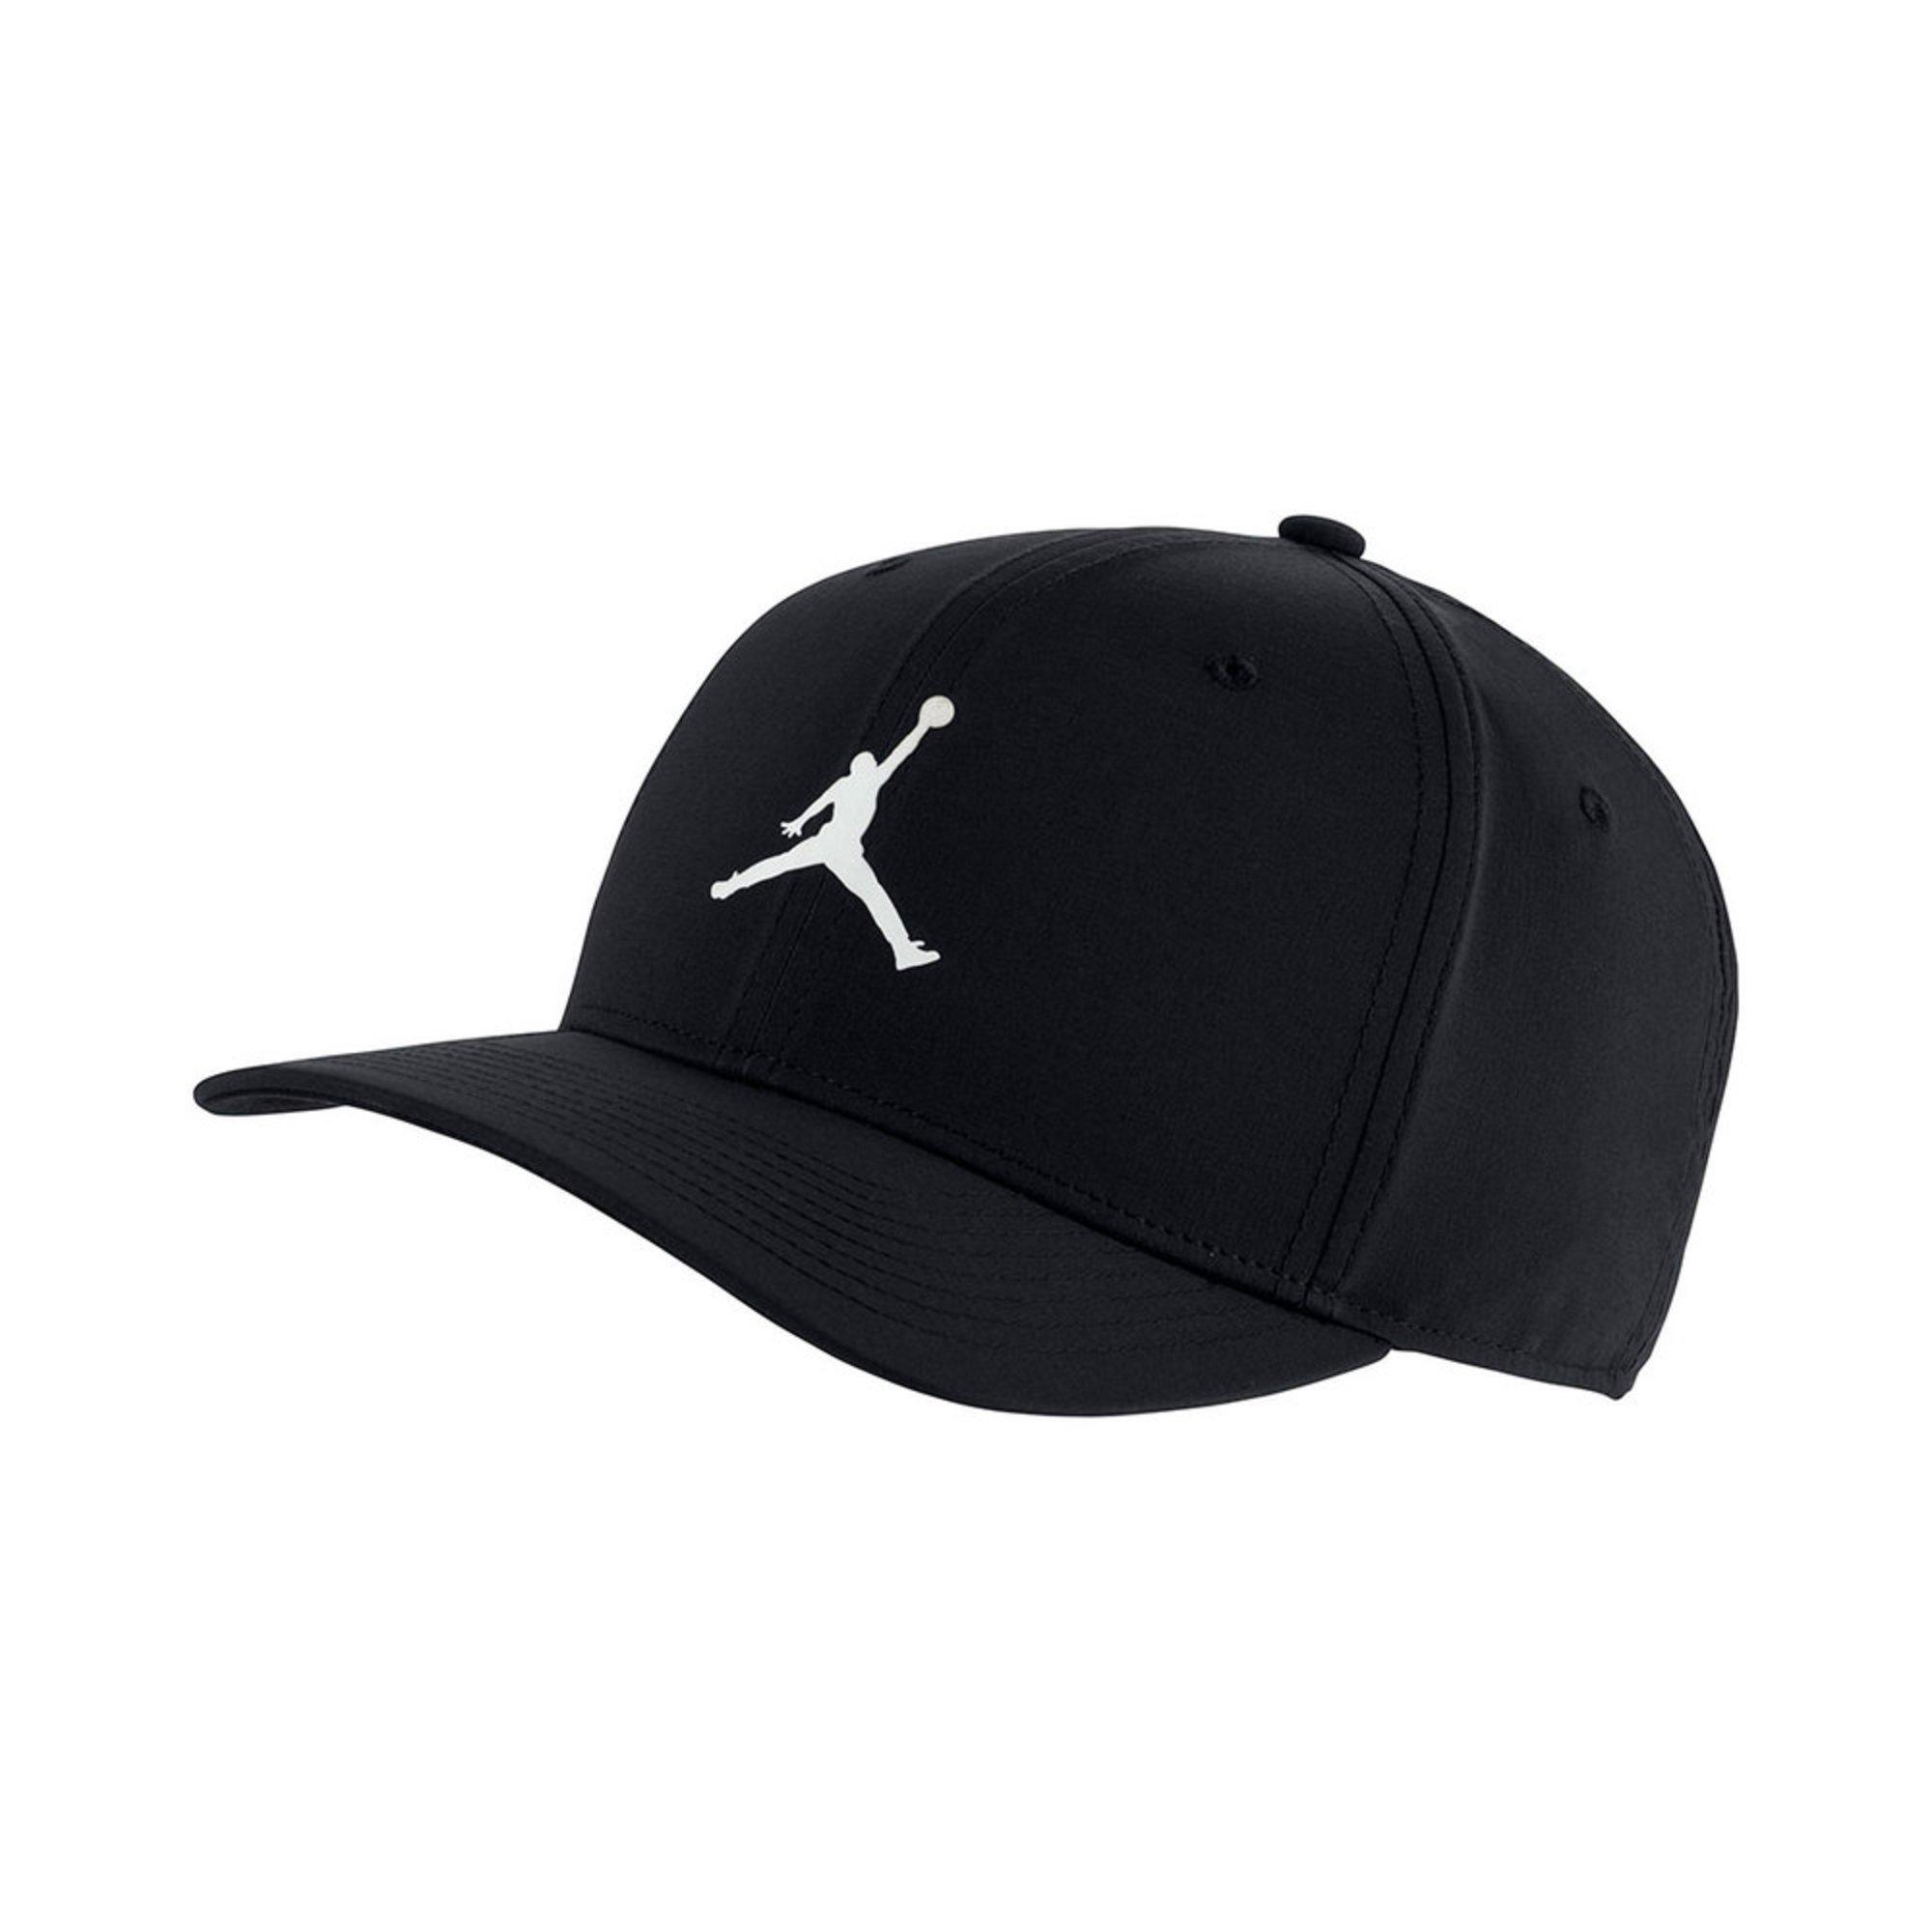 c577aa28f72cf Jordan. Jordan Men s Snapback Hat